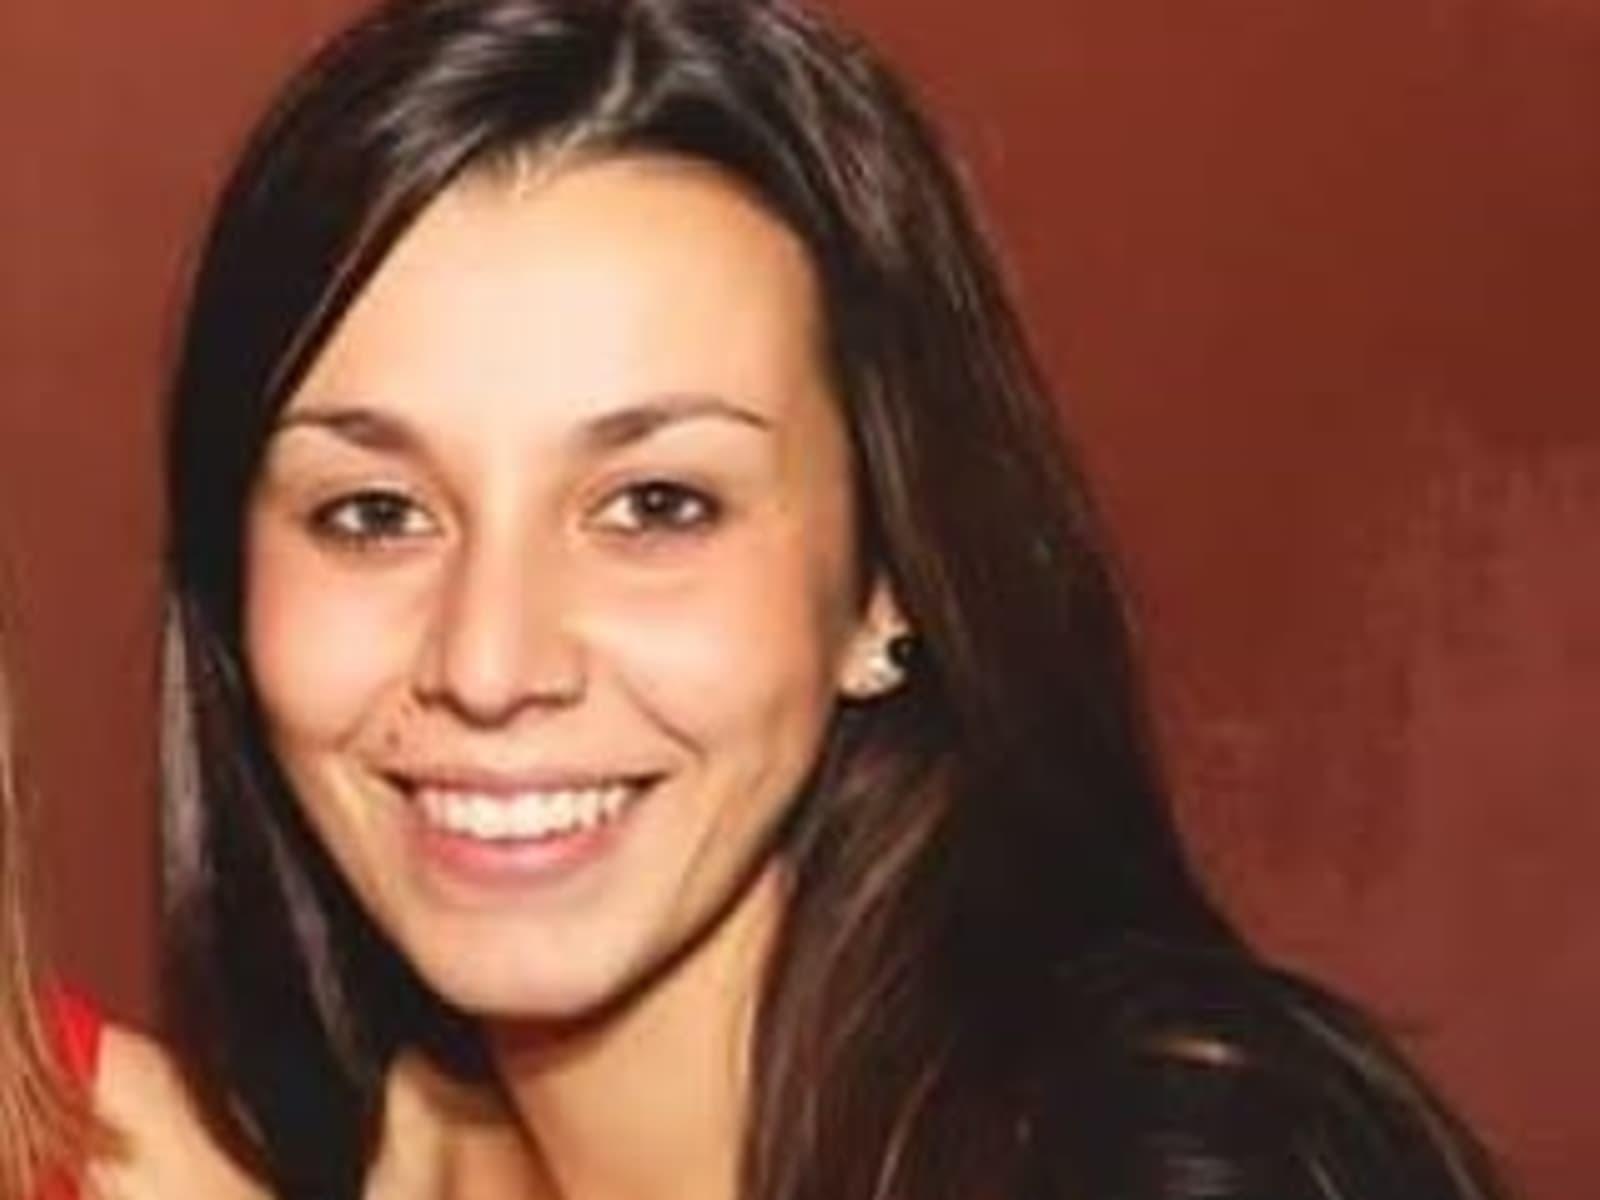 Tatiana from London, United Kingdom